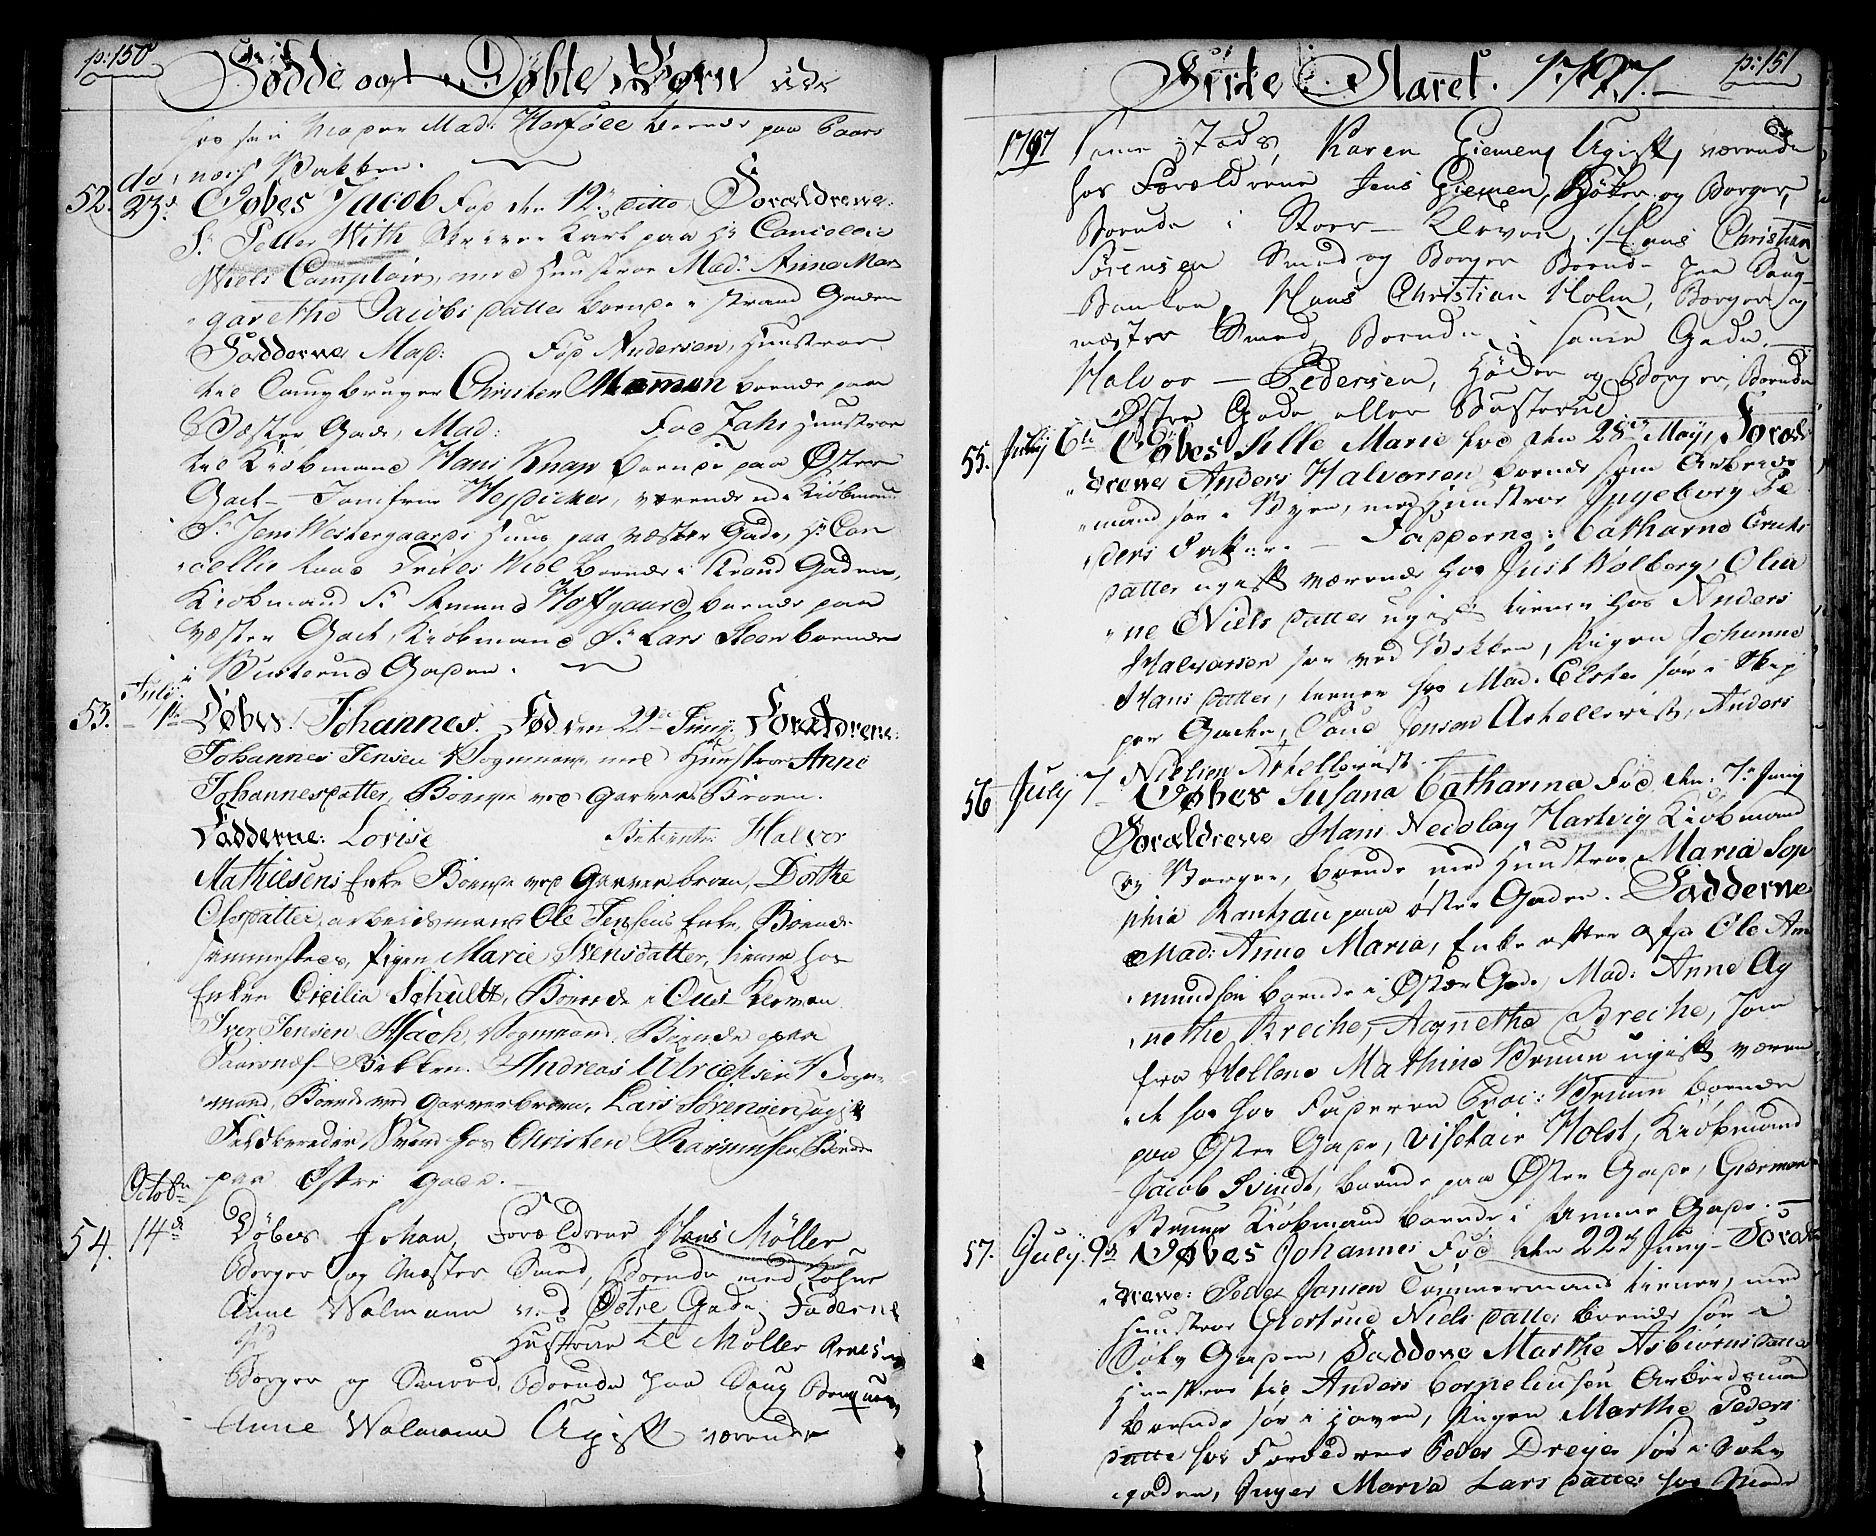 SAO, Halden prestekontor Kirkebøker, F/Fa/L0002: Ministerialbok nr. I 2, 1792-1812, s. 150-151